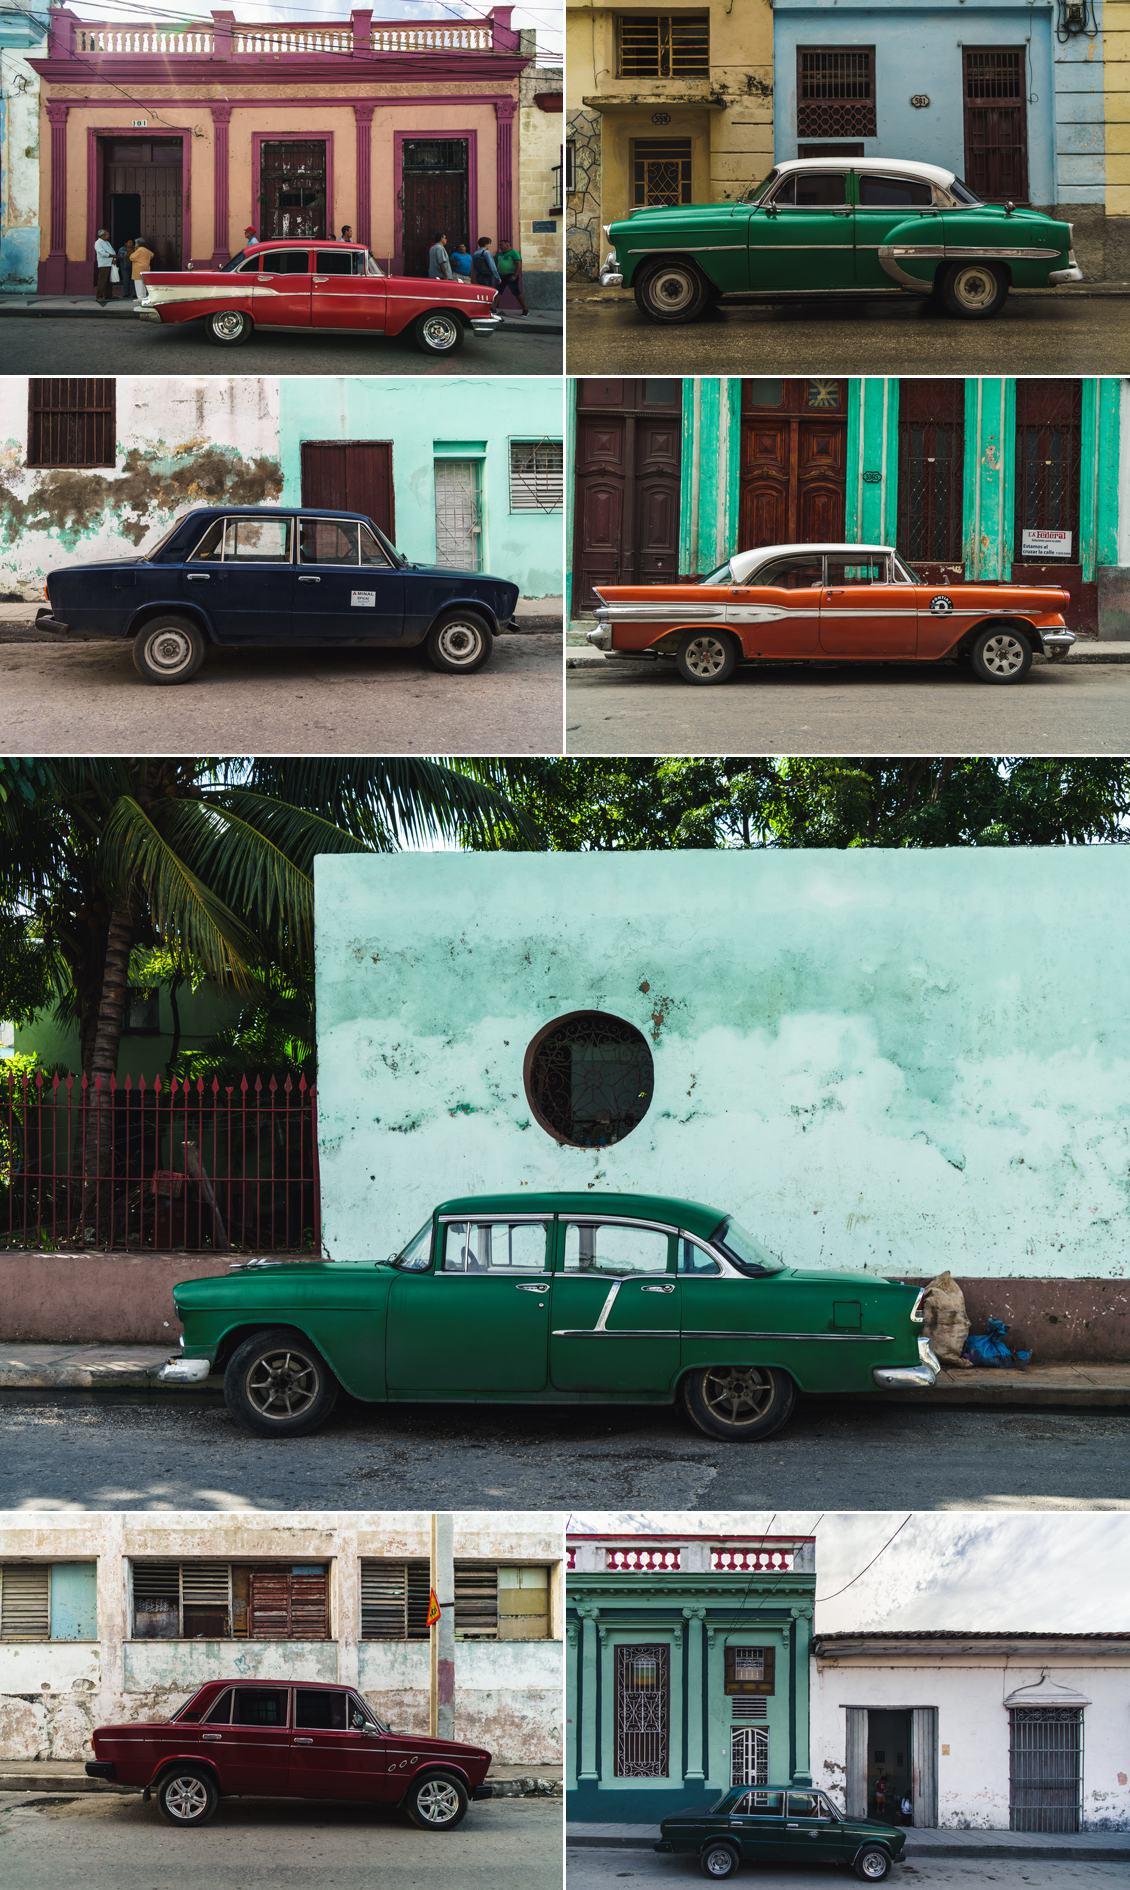 kuba-rolandmichels-cars01